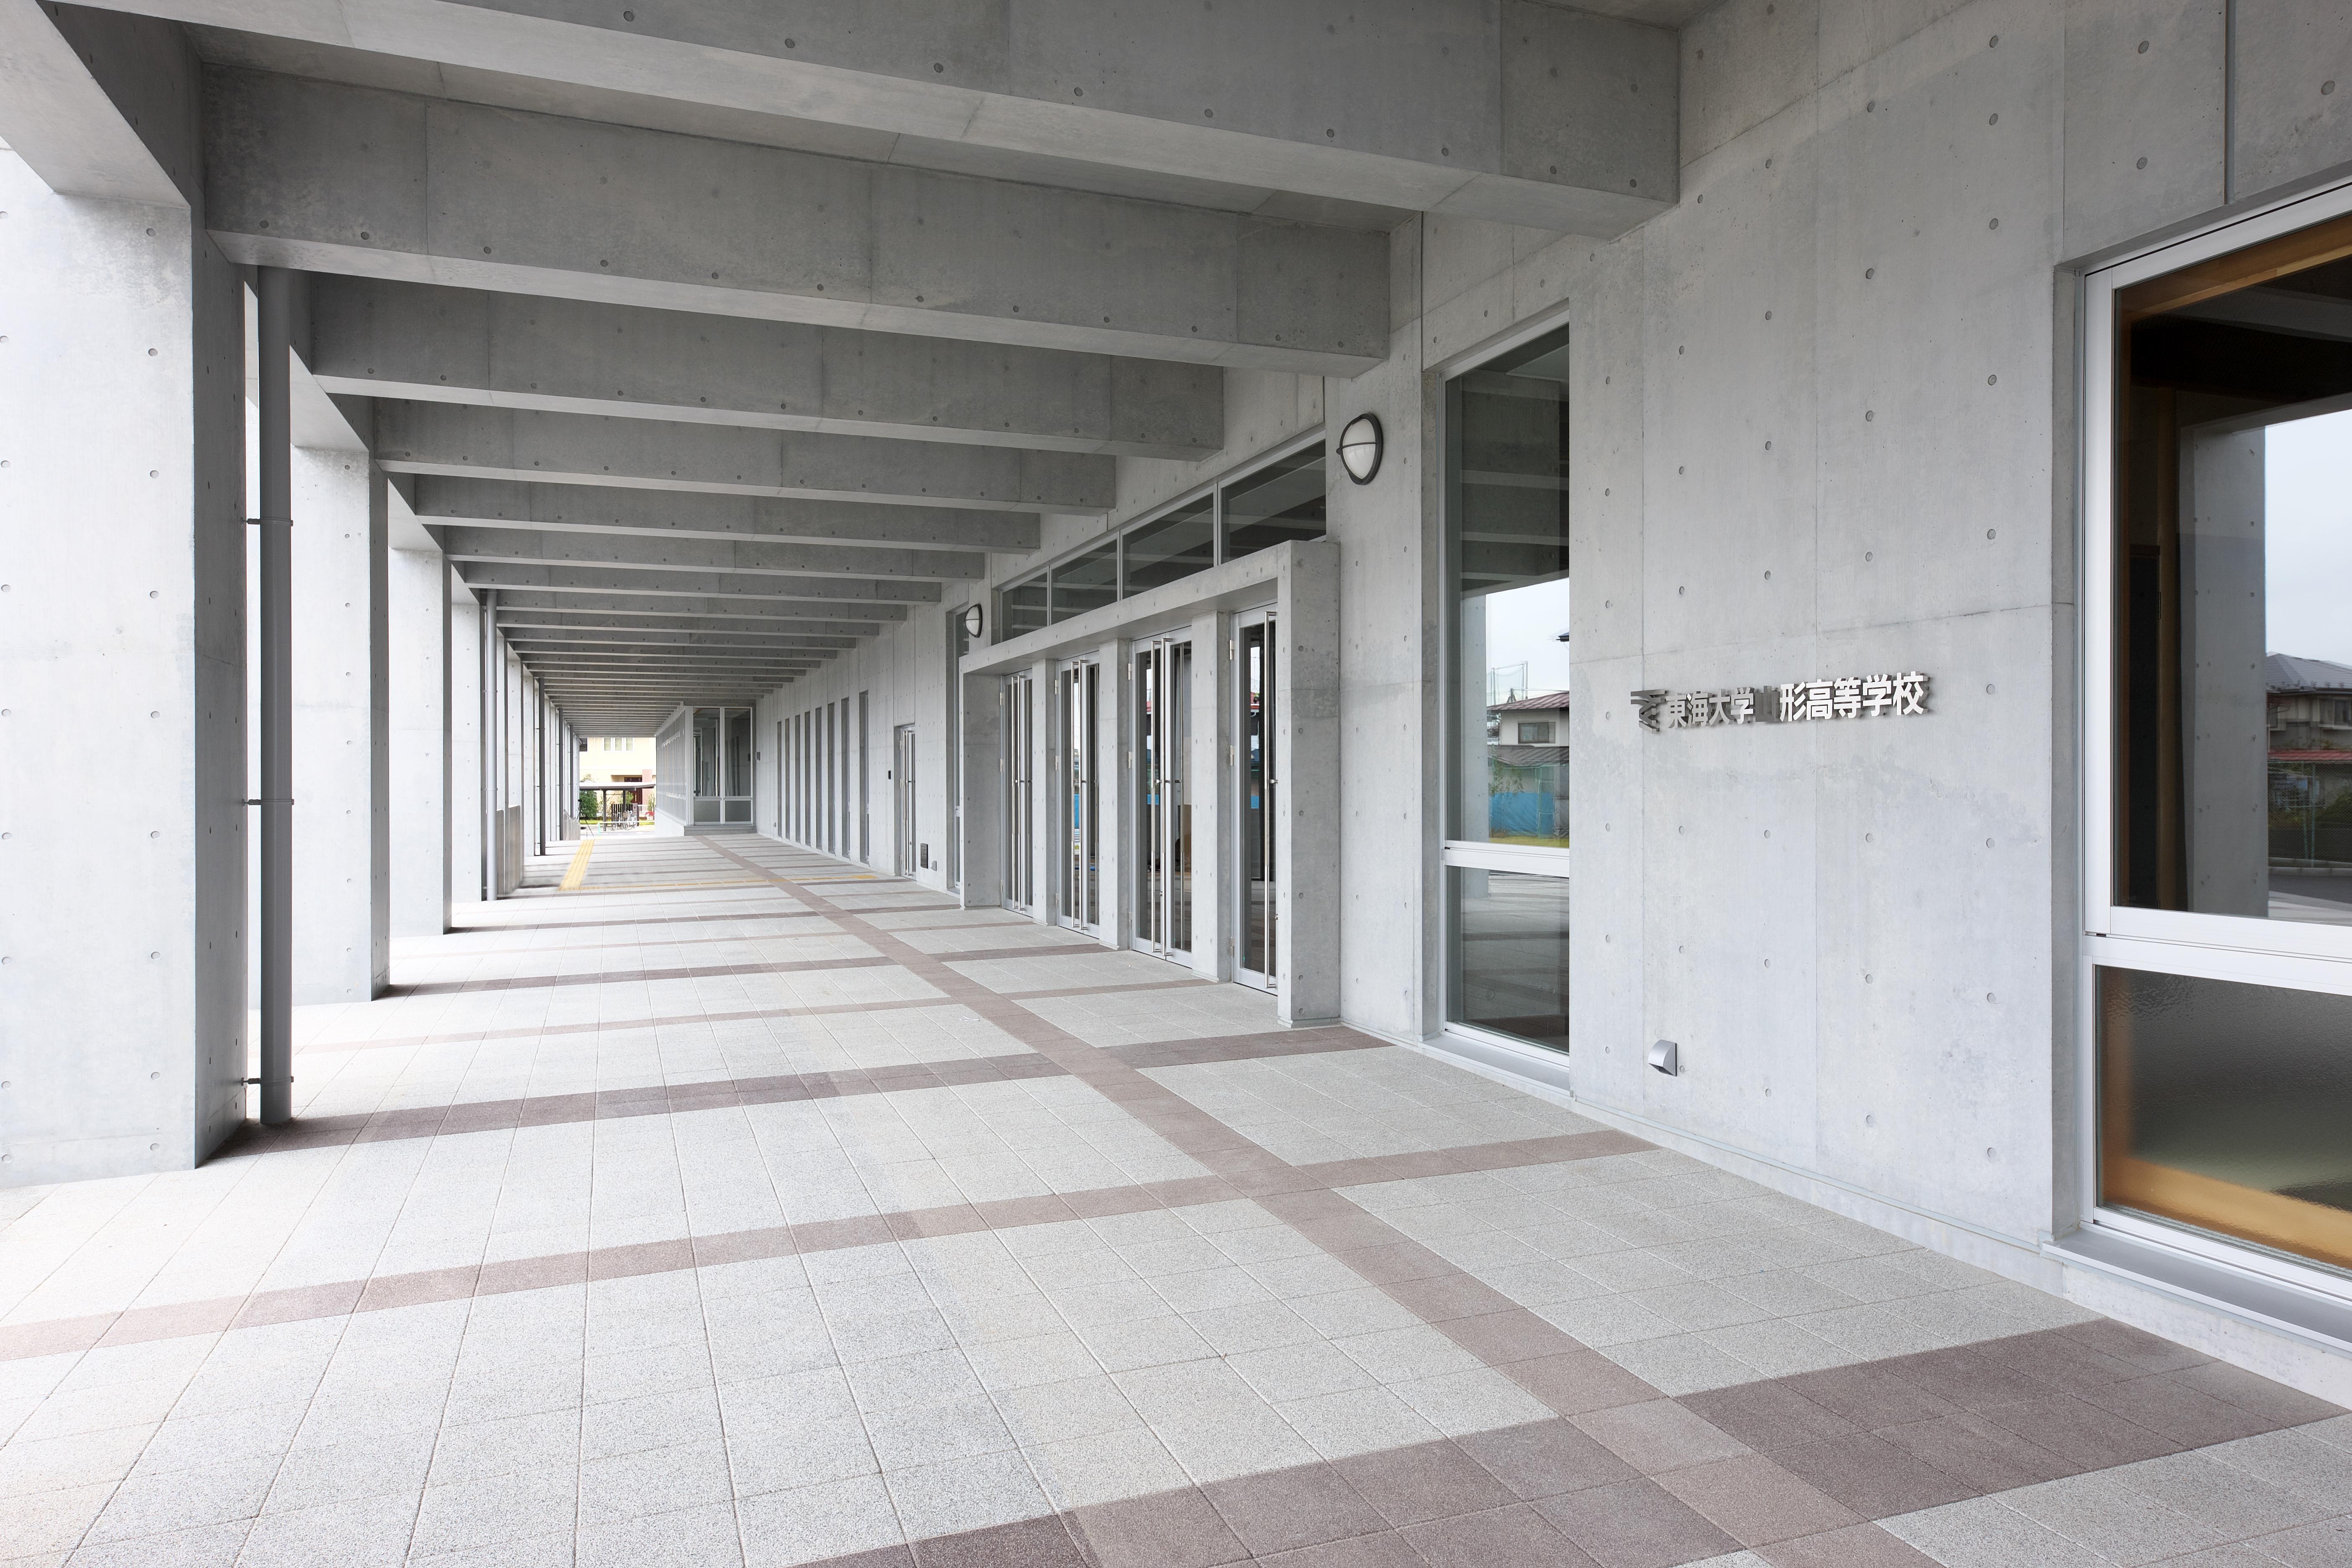 東海大山形高等学校|市村工務店